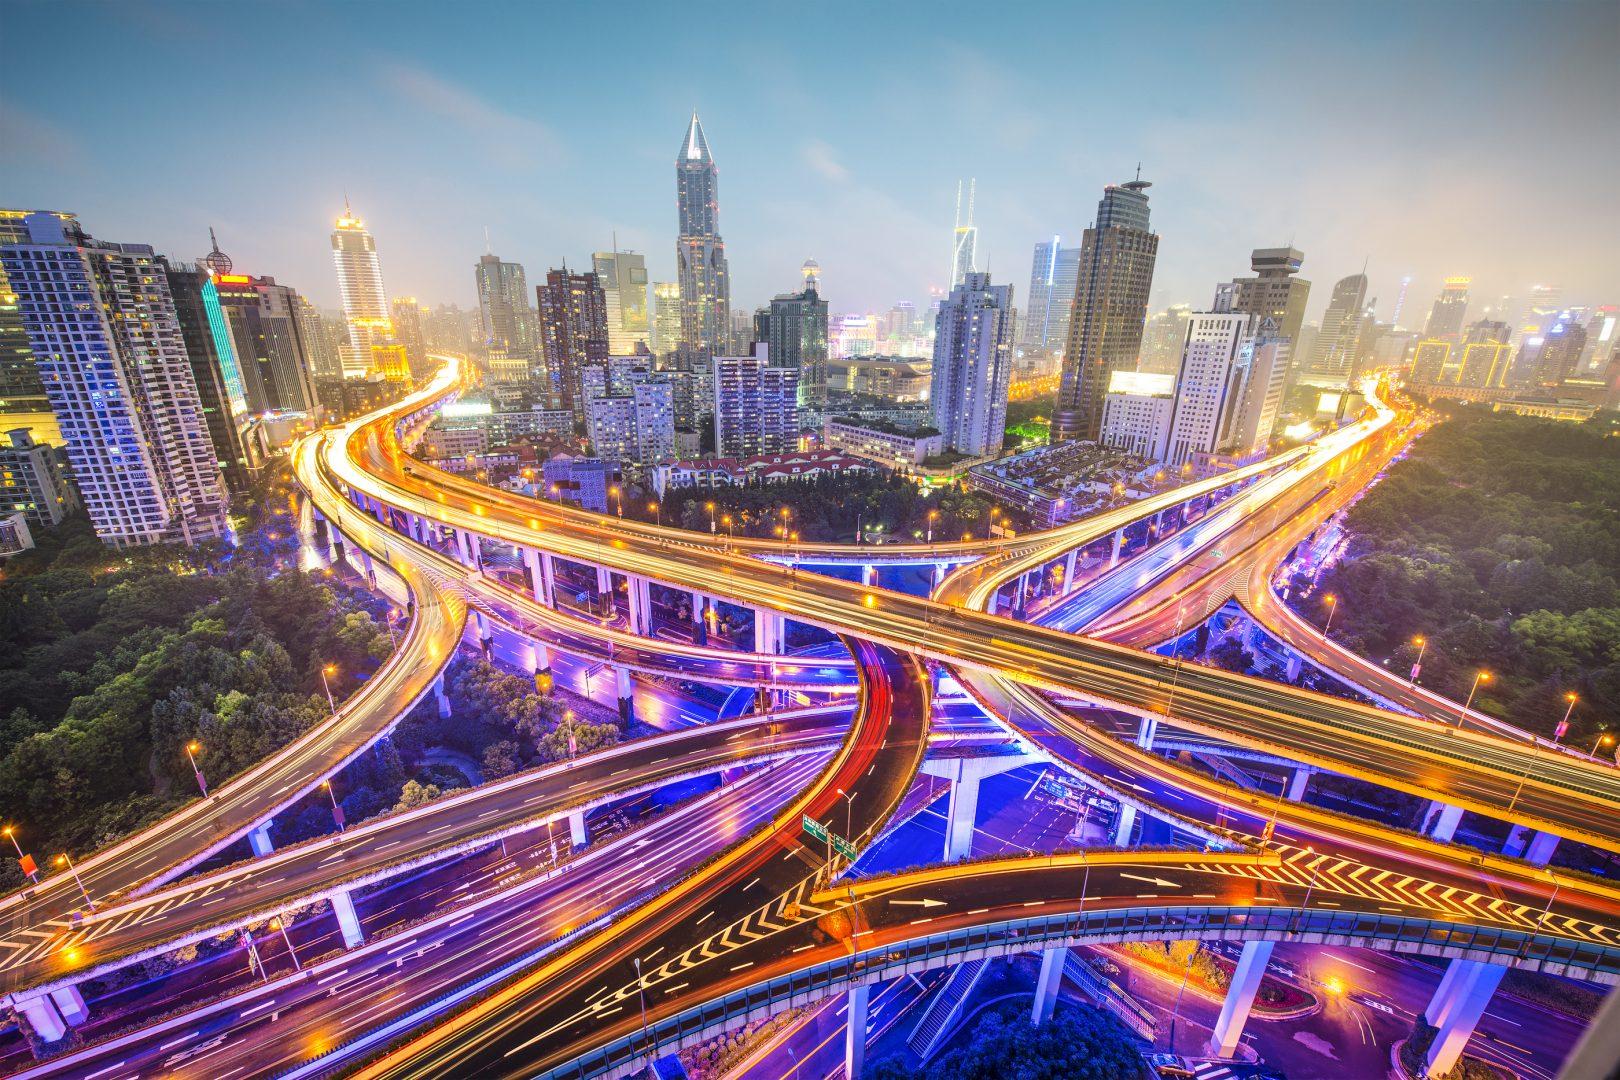 многоуровневая развязка в Китае